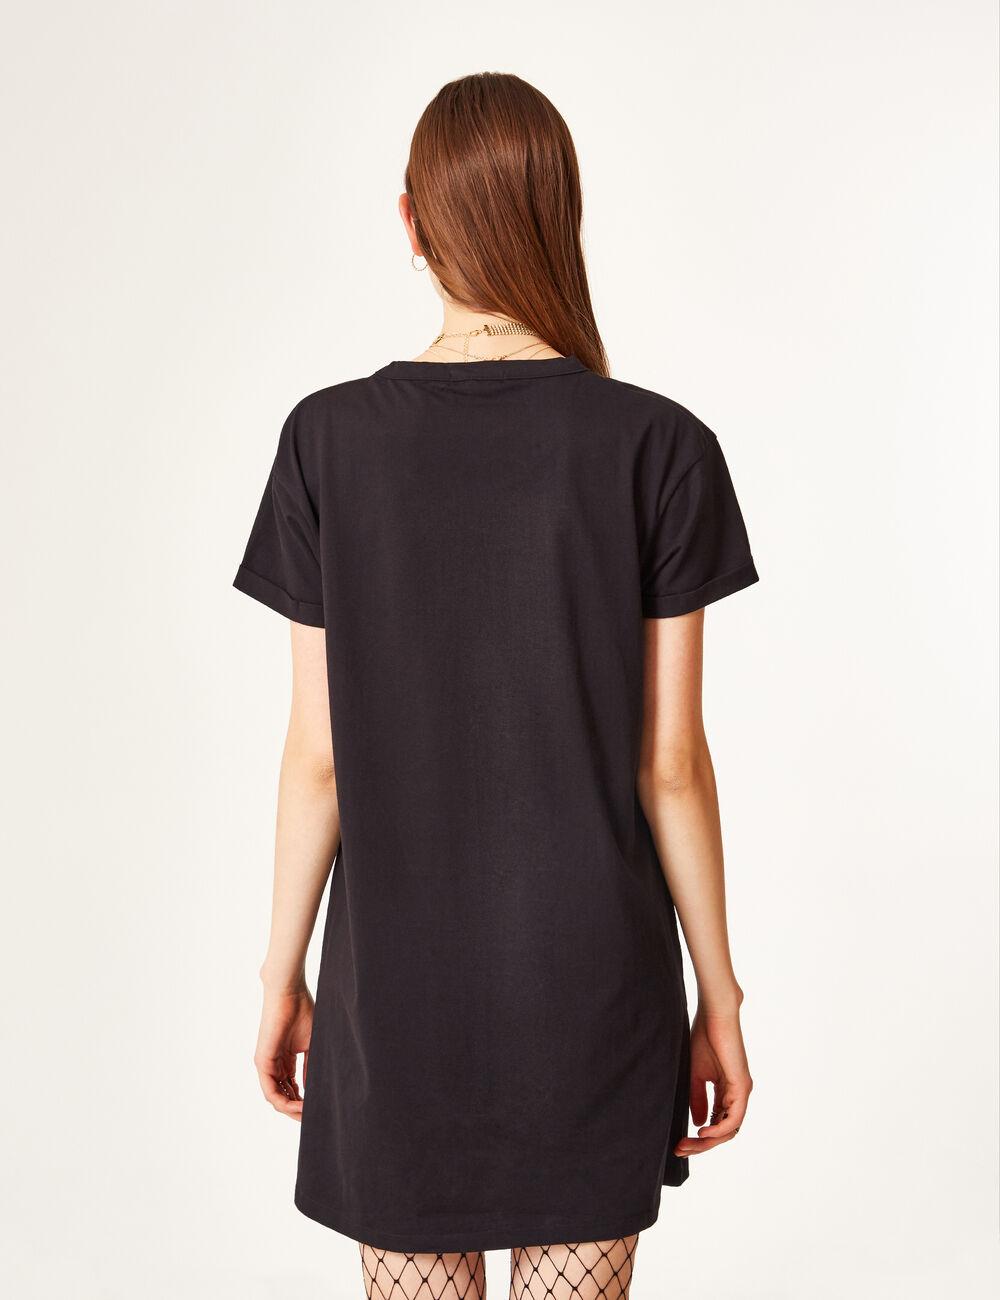 robe tee shirt noir femme jennyfer. Black Bedroom Furniture Sets. Home Design Ideas